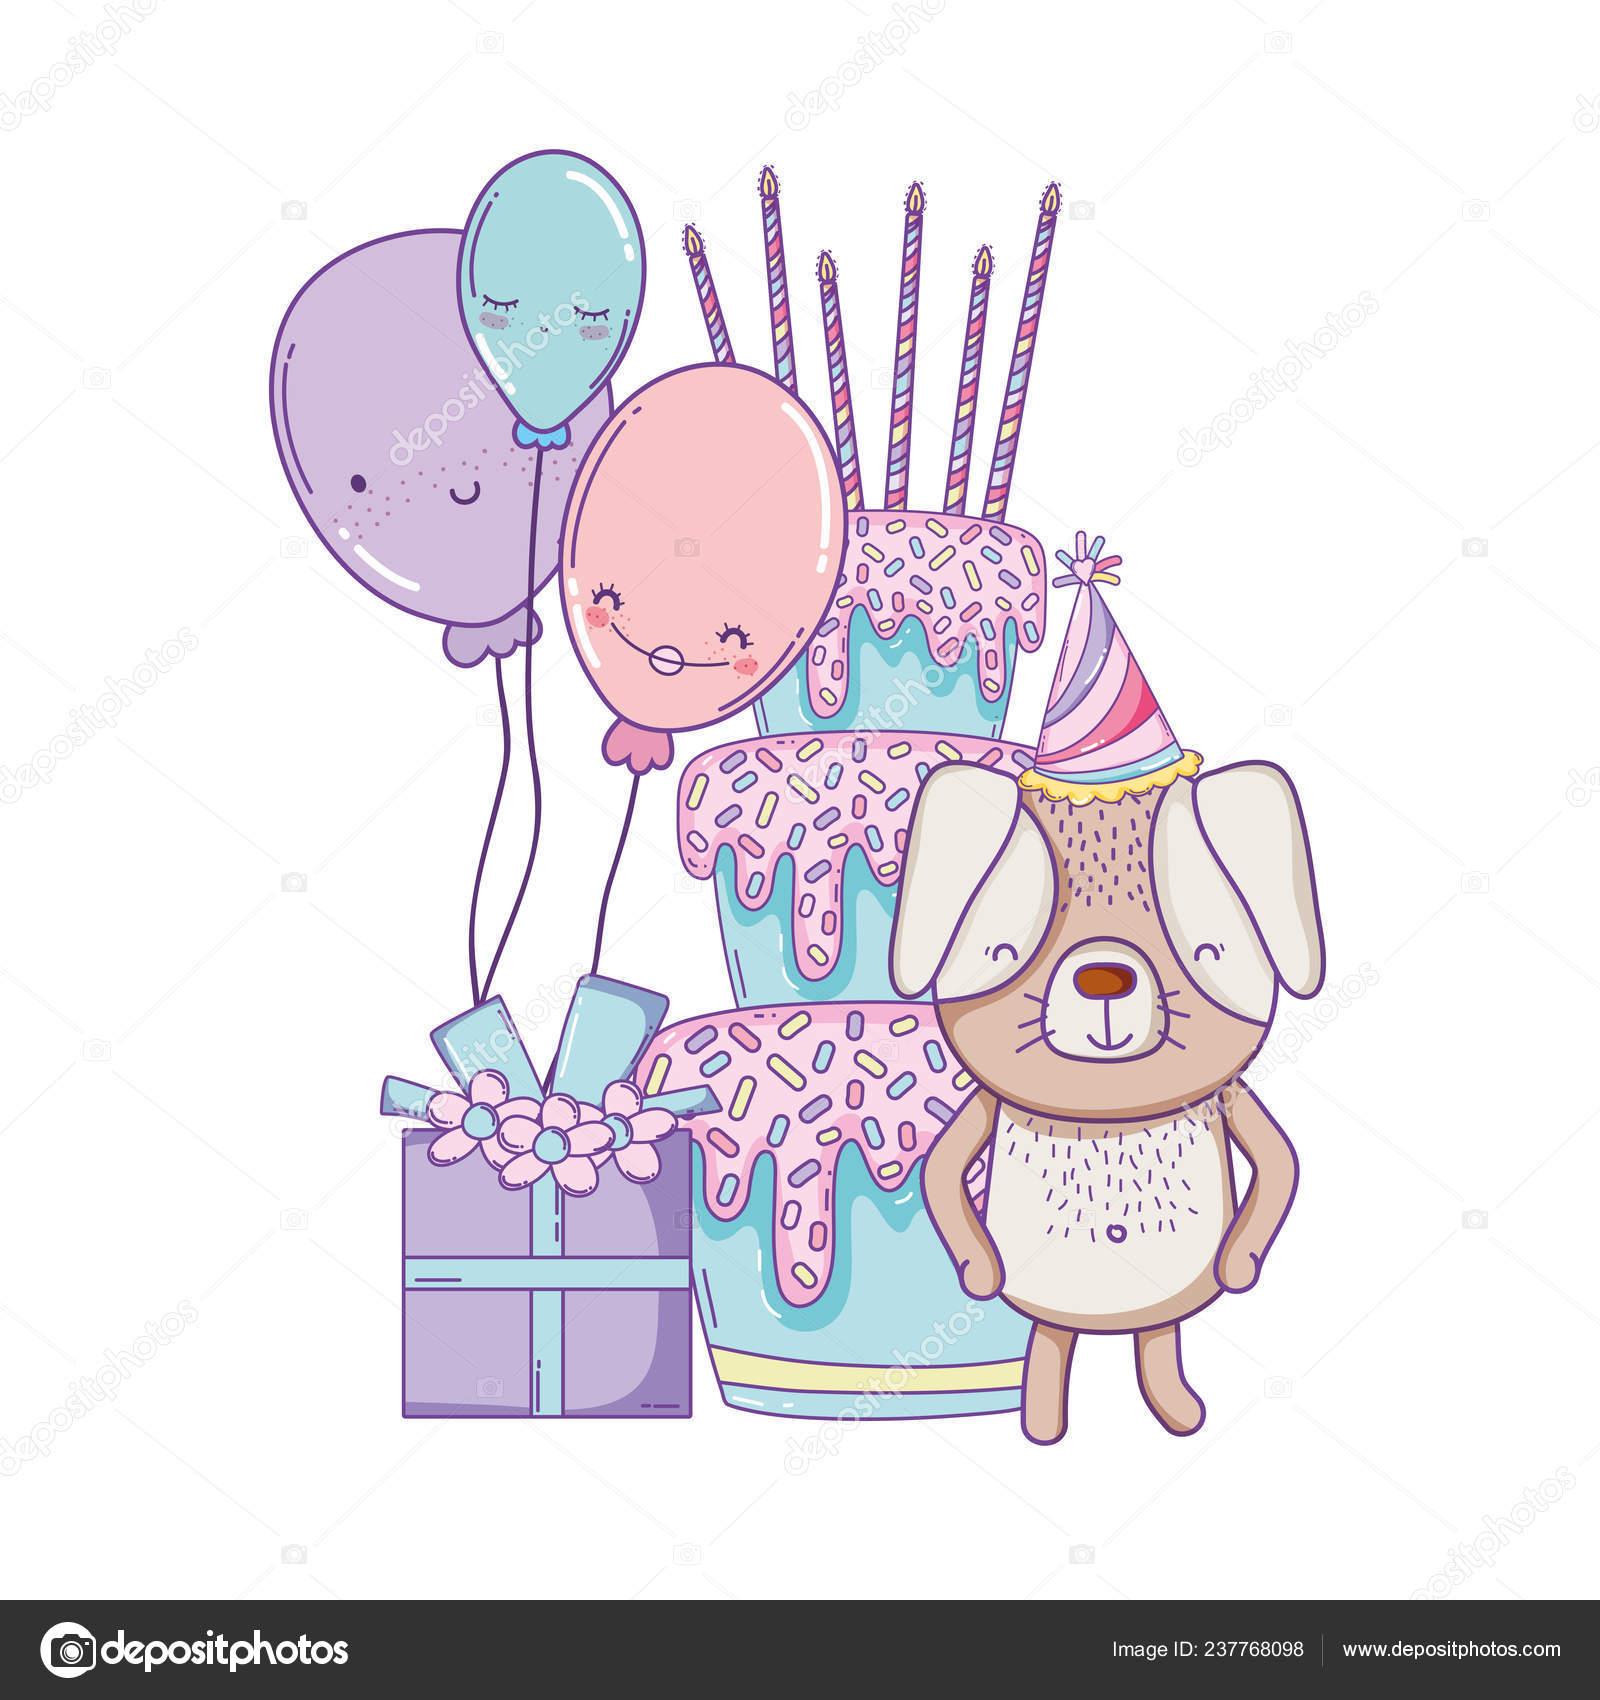 Alles Gute zum Geburtstag Hund mit Kuchen Luftballons und Geschenk Box  Cartoons Vektor Illustration Grafik Design 30